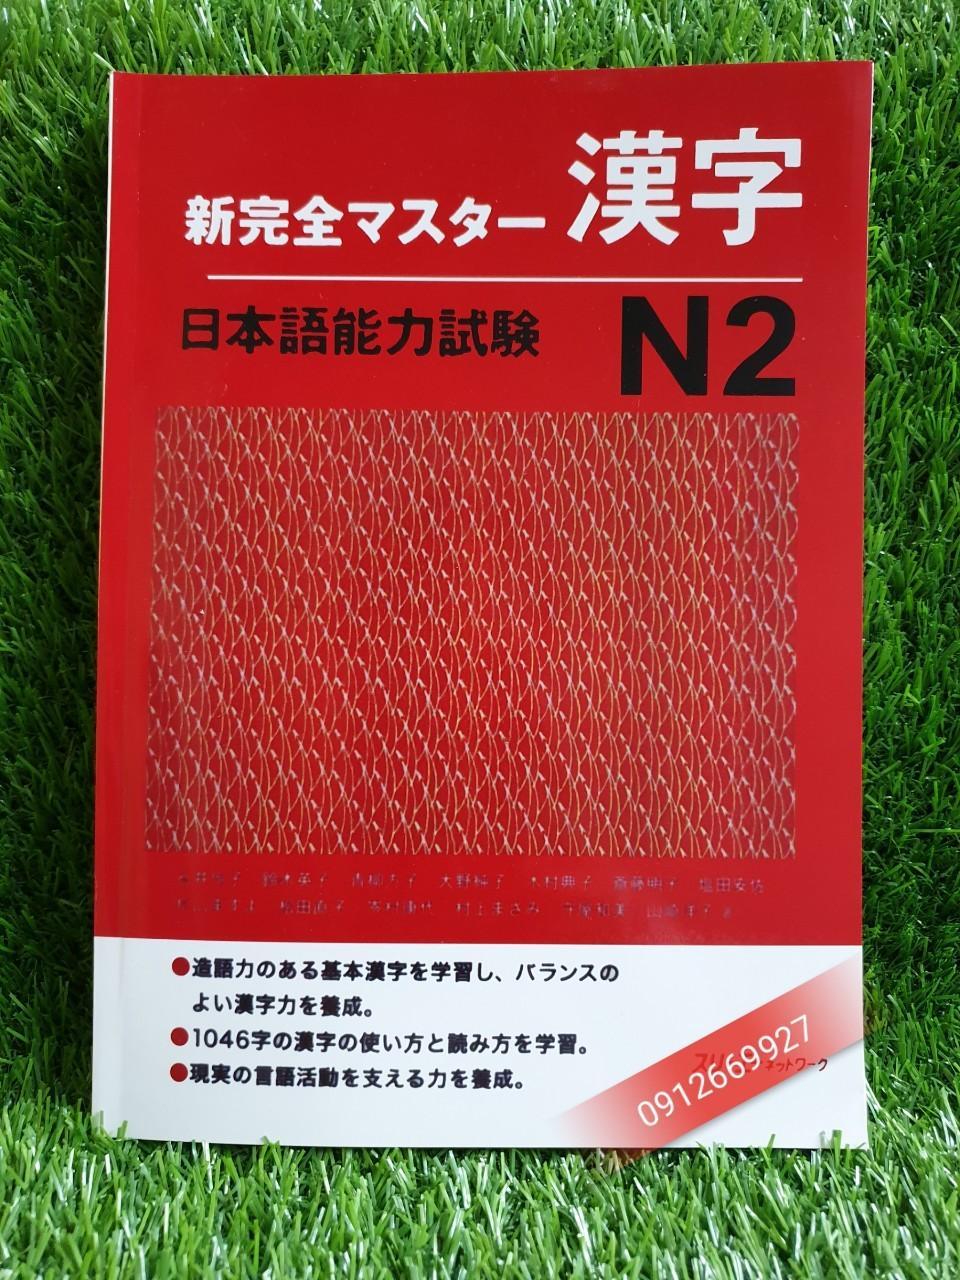 Mua Sách Shinkanzen Master N2- Hán Tự